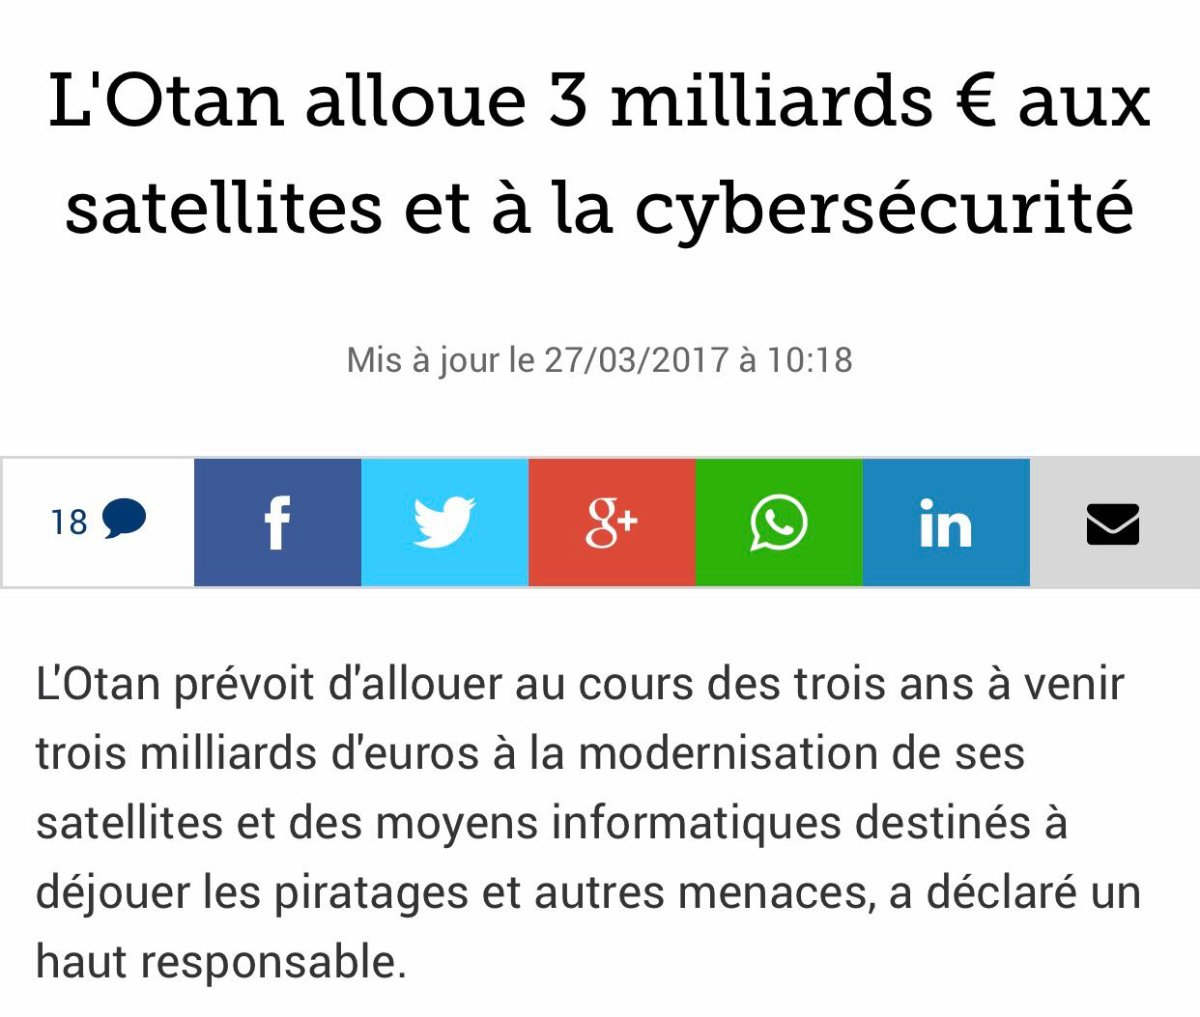 L&#39;#Otan alloue 3 milliards d&#39;€ aux satellites et à la #cybersécurité. #hackers #cyberattaques @Le_Figaro  http://www. lefigaro.fr/flash-eco/2017 /03/27/97002-20170327FILWWW00076-l-otan-alloue-3-milliards-aux-satellites-et-a-la-cybersecurite.php &nbsp; … <br>http://pic.twitter.com/camZN1GkGP